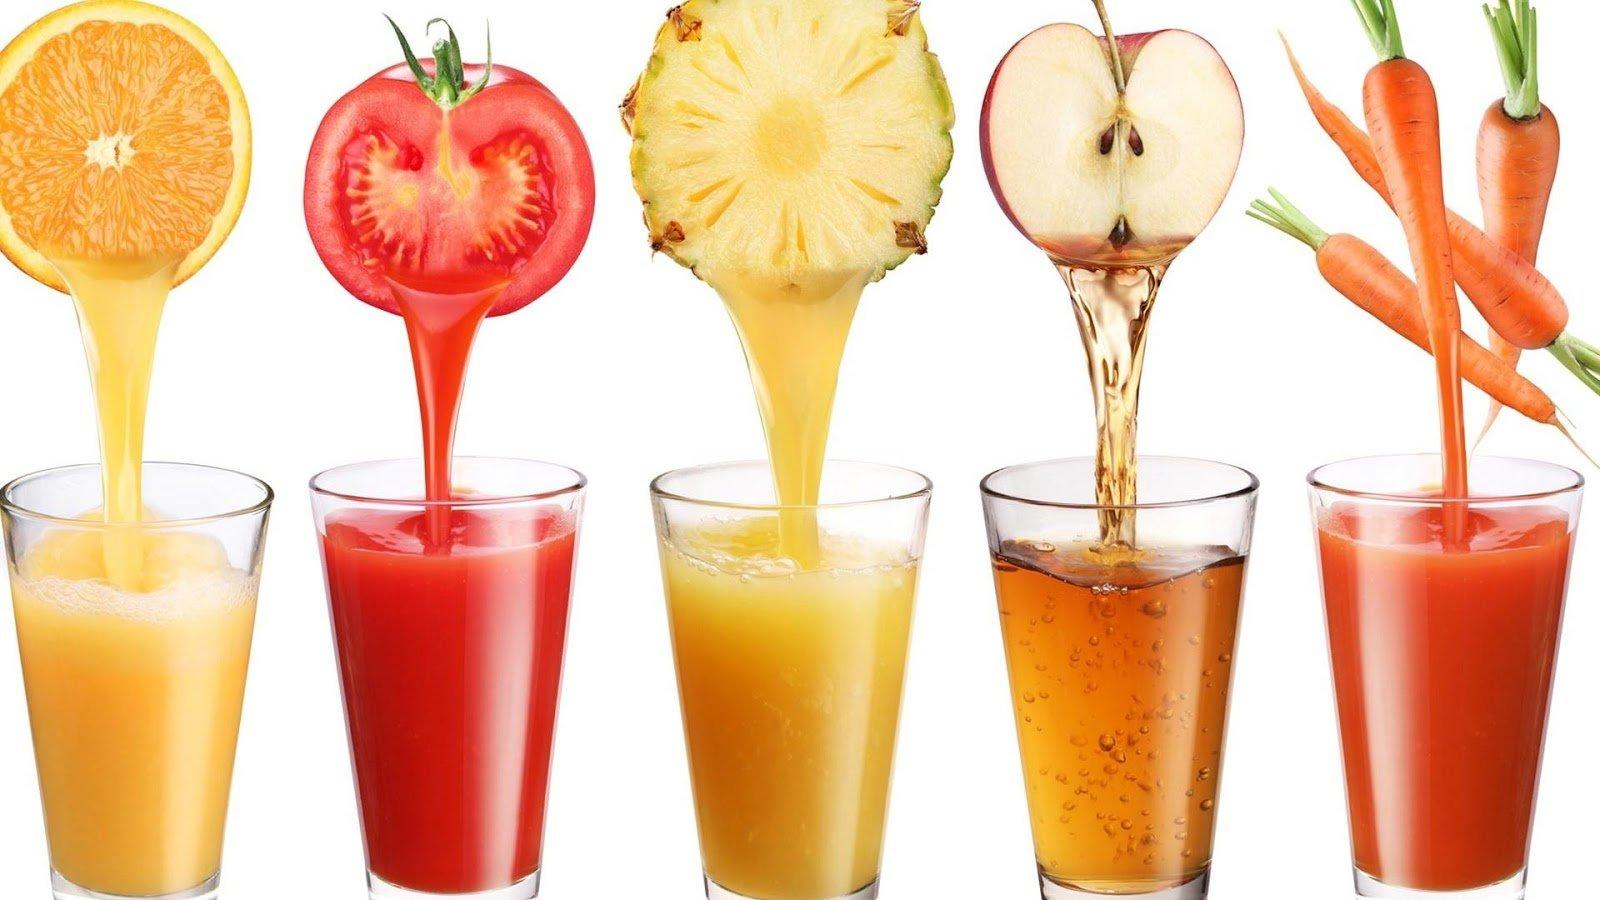 Натуральные соки – вред и польза, или все хорошо в меру